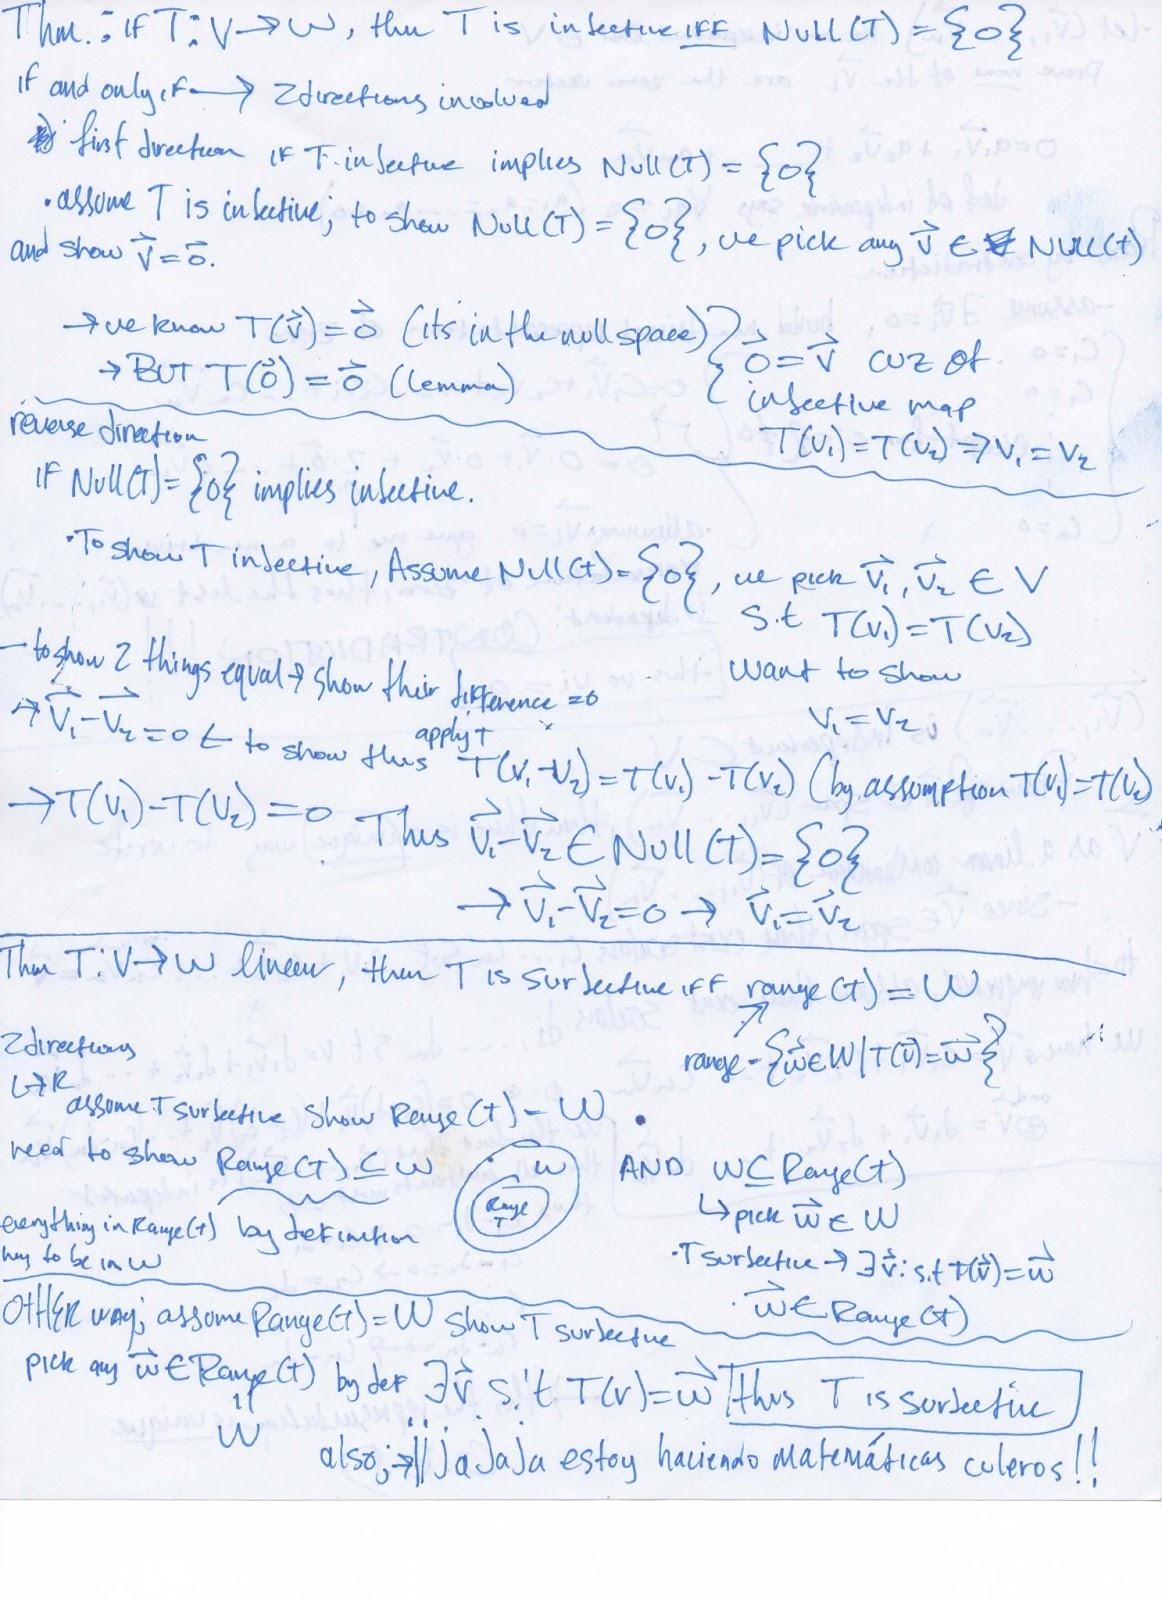 audio, metrics and vector spaces